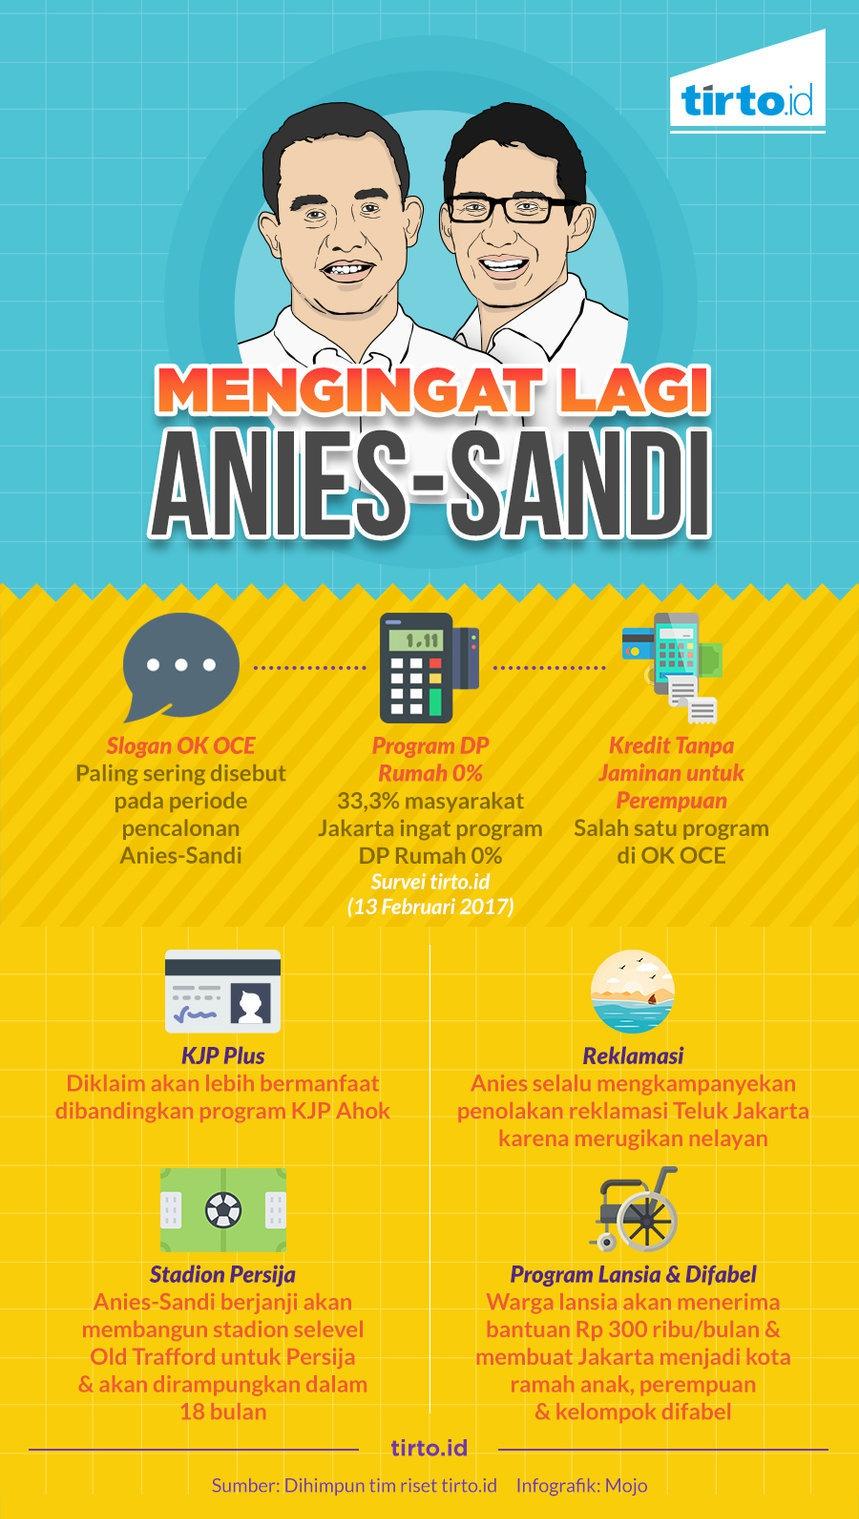 Mengingat Lagi Anies-Sandi